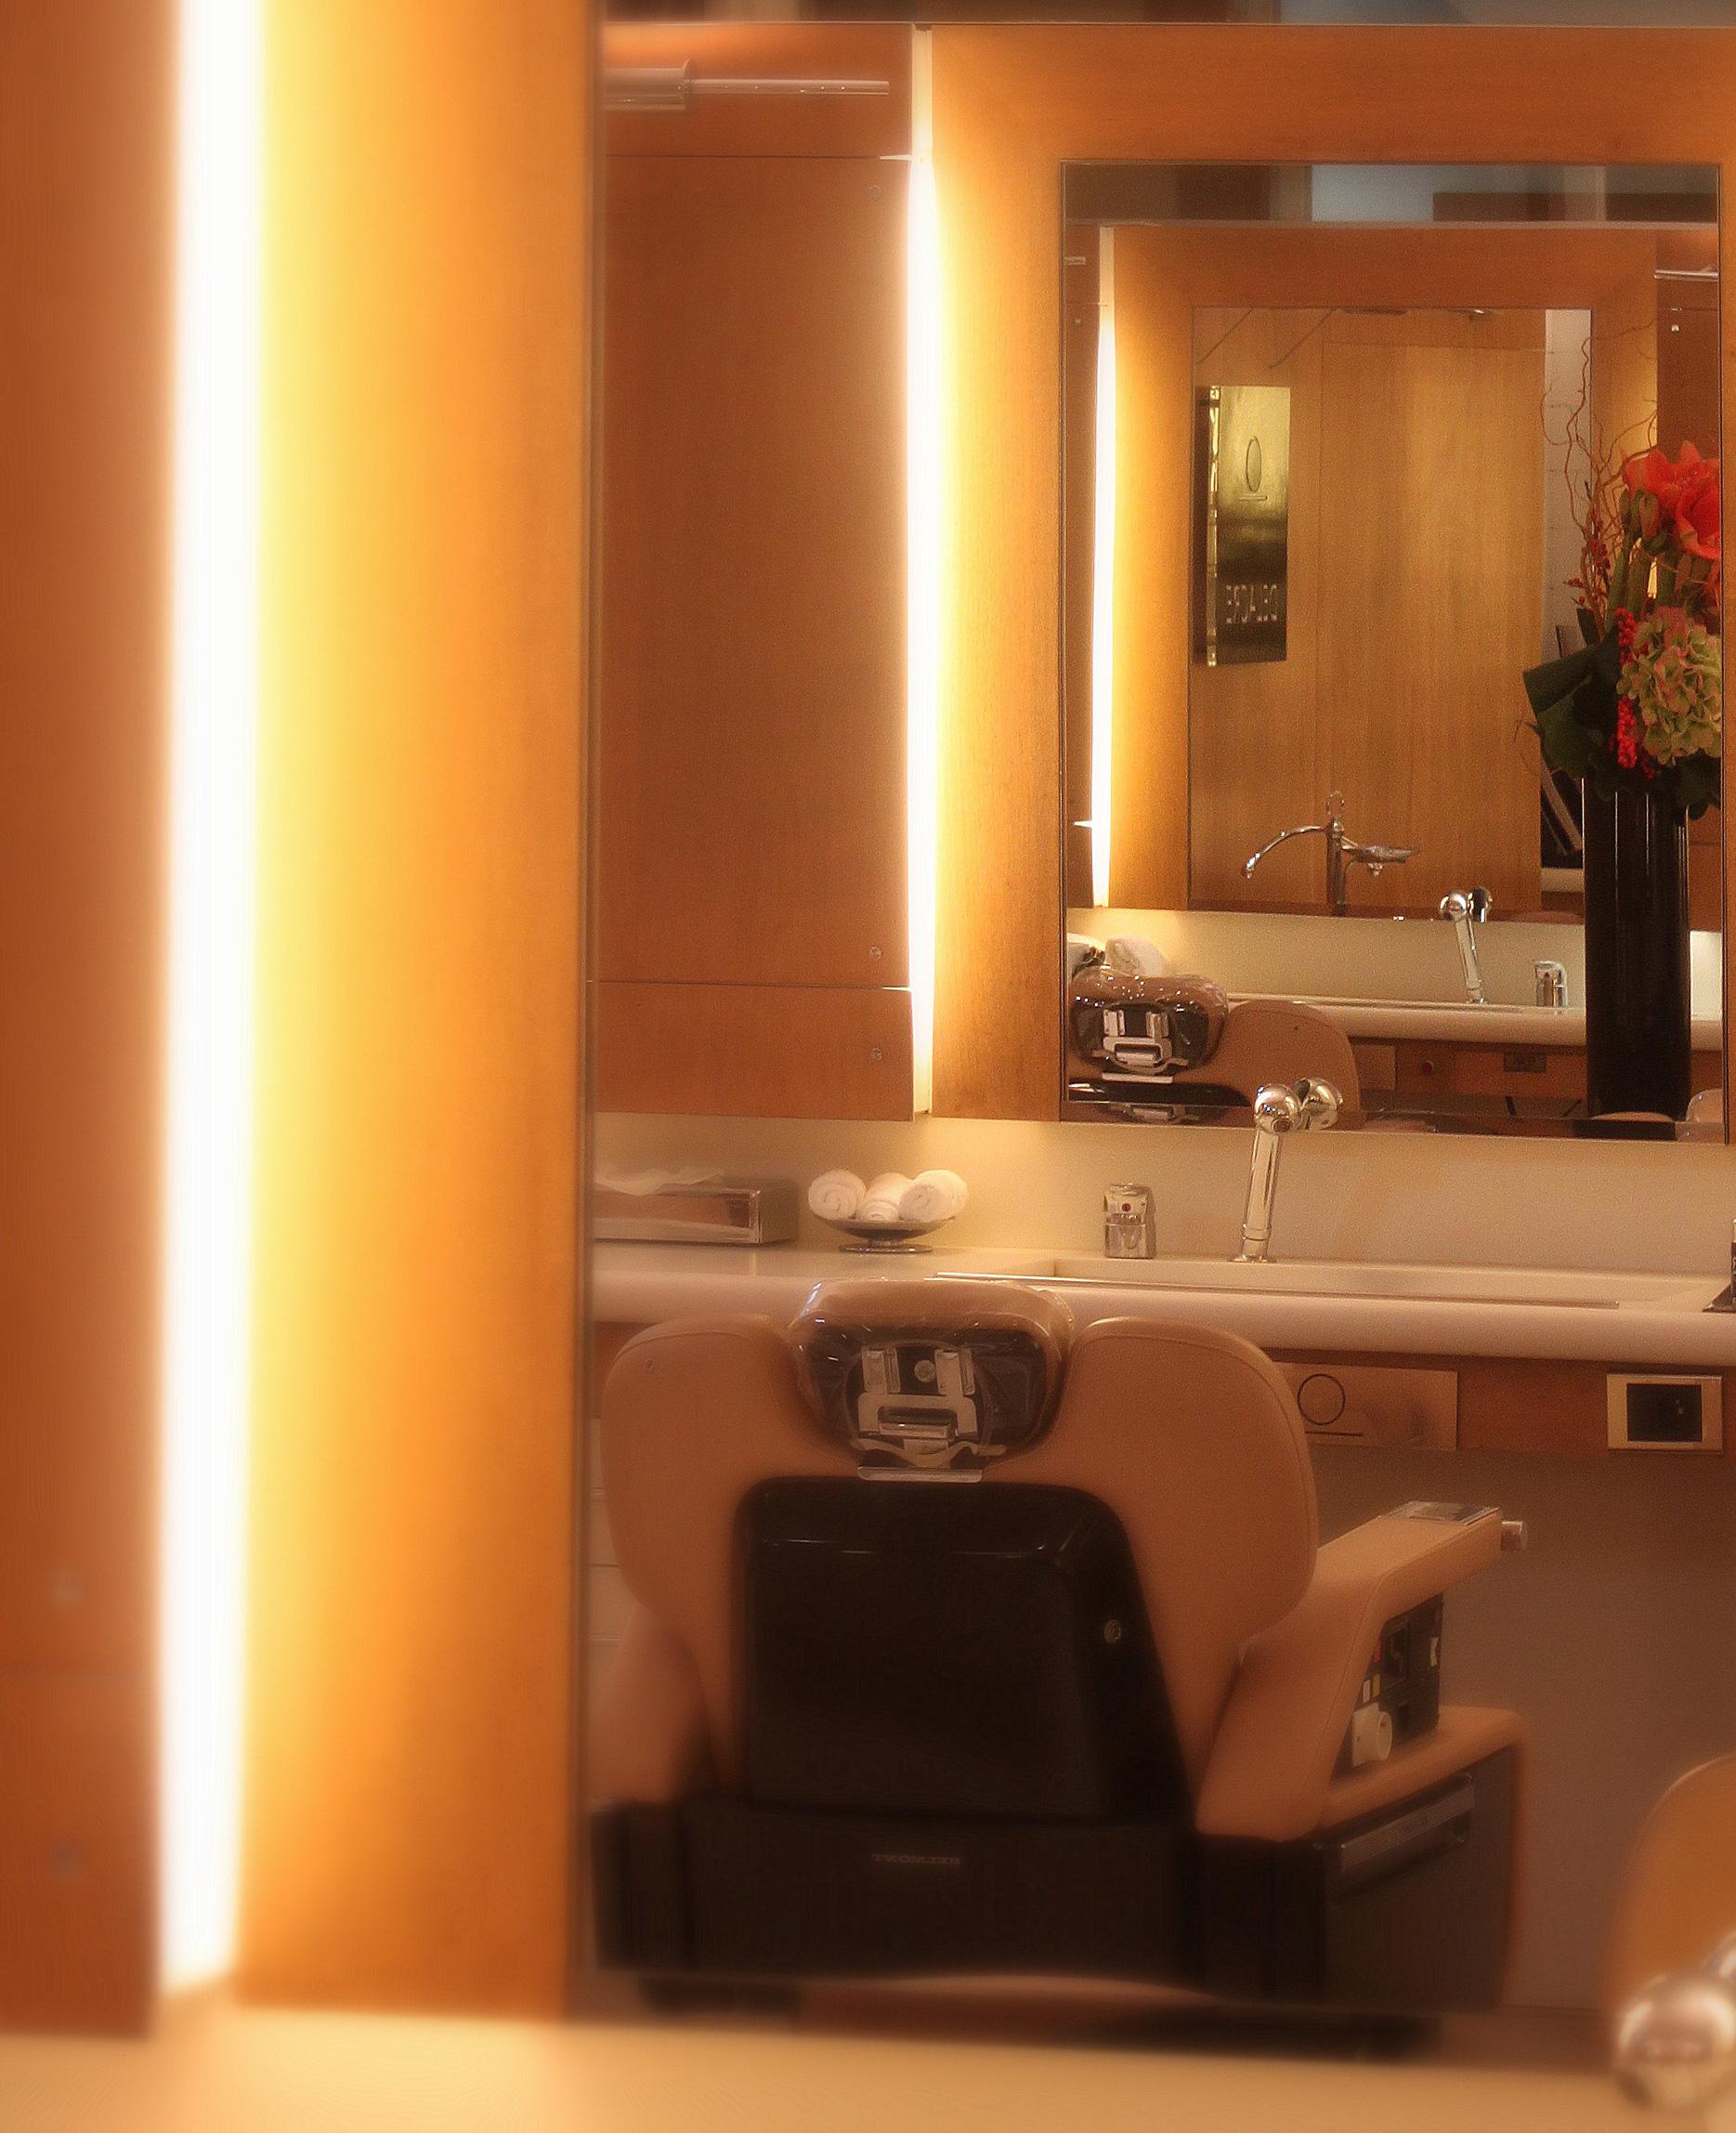 Coiffeur Barbier Homme Paris Cercle Delacre Barbier Haut De Gamme Et Coiffeur De Luxe A Paris